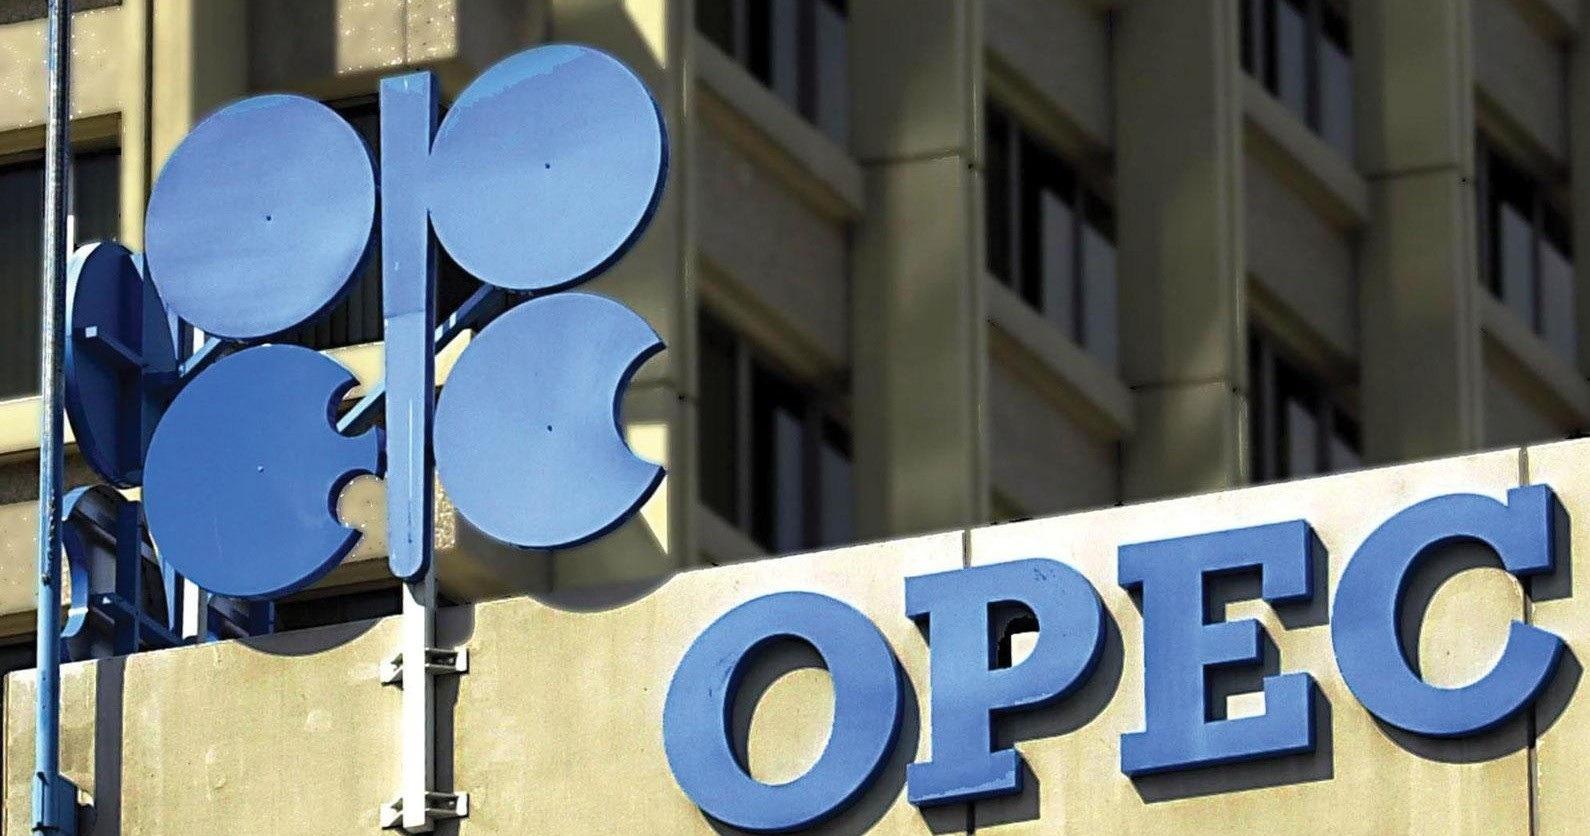 ОПЕК сделает данные о нефтегазовой отрасли доступными